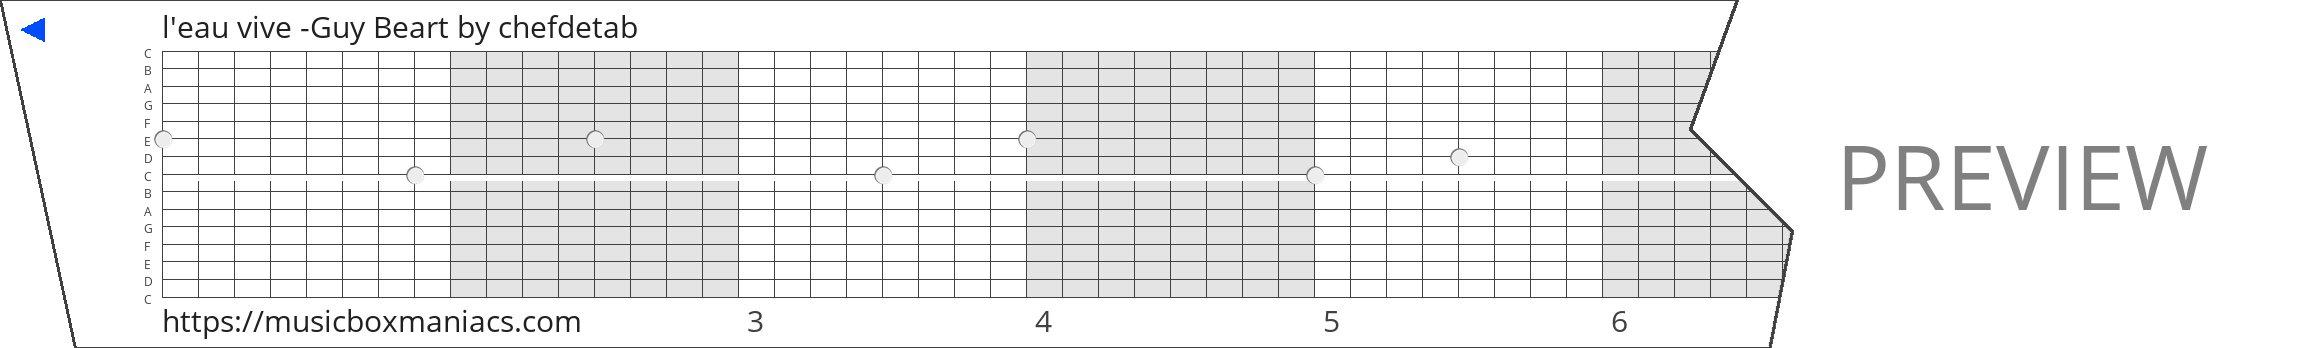 l'eau vive -Guy Beart 15 note music box paper strip